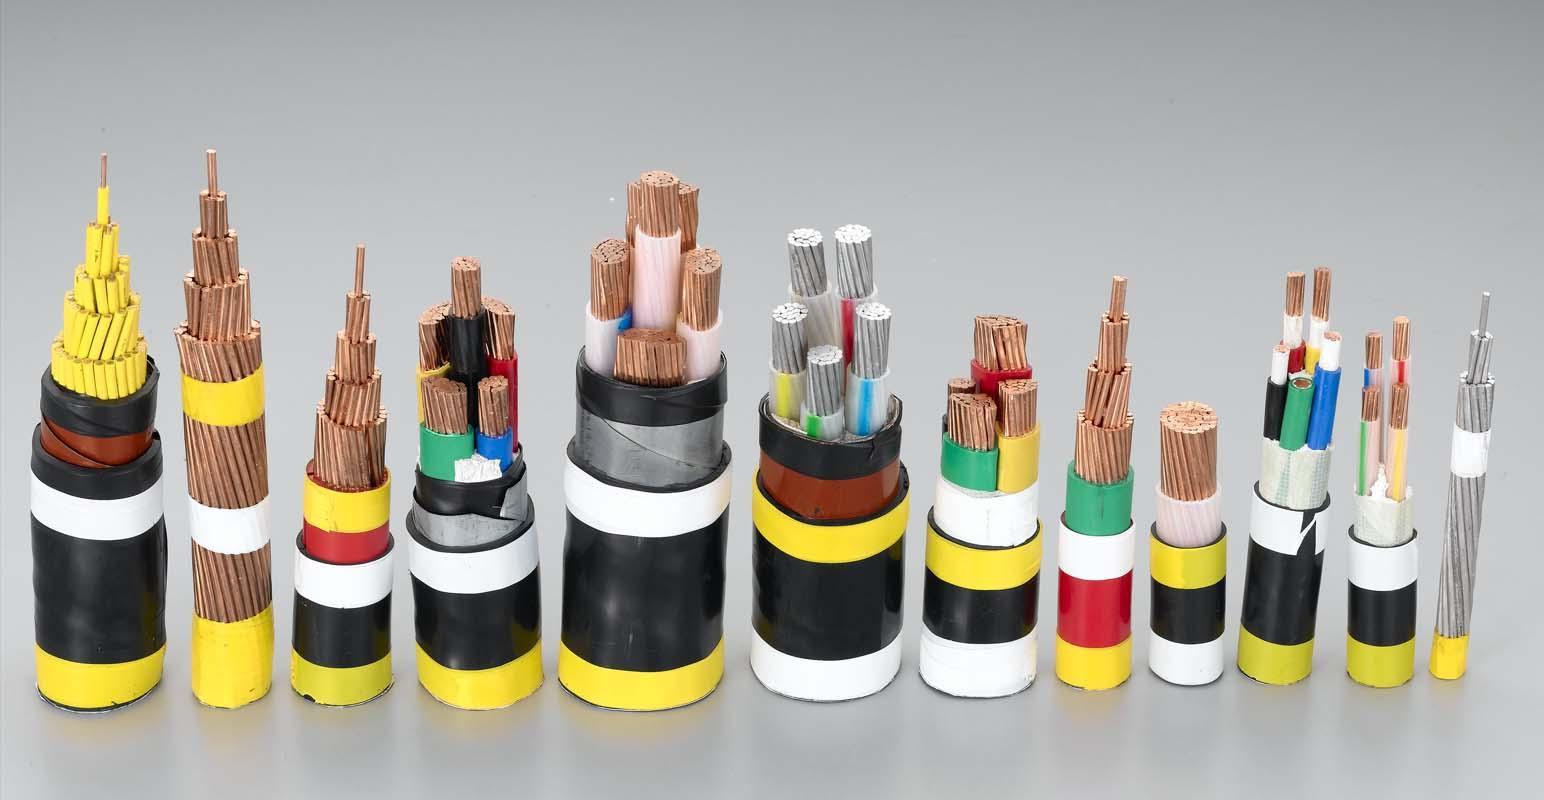 为什么装修的时候要选择四川低烟无卤电线?